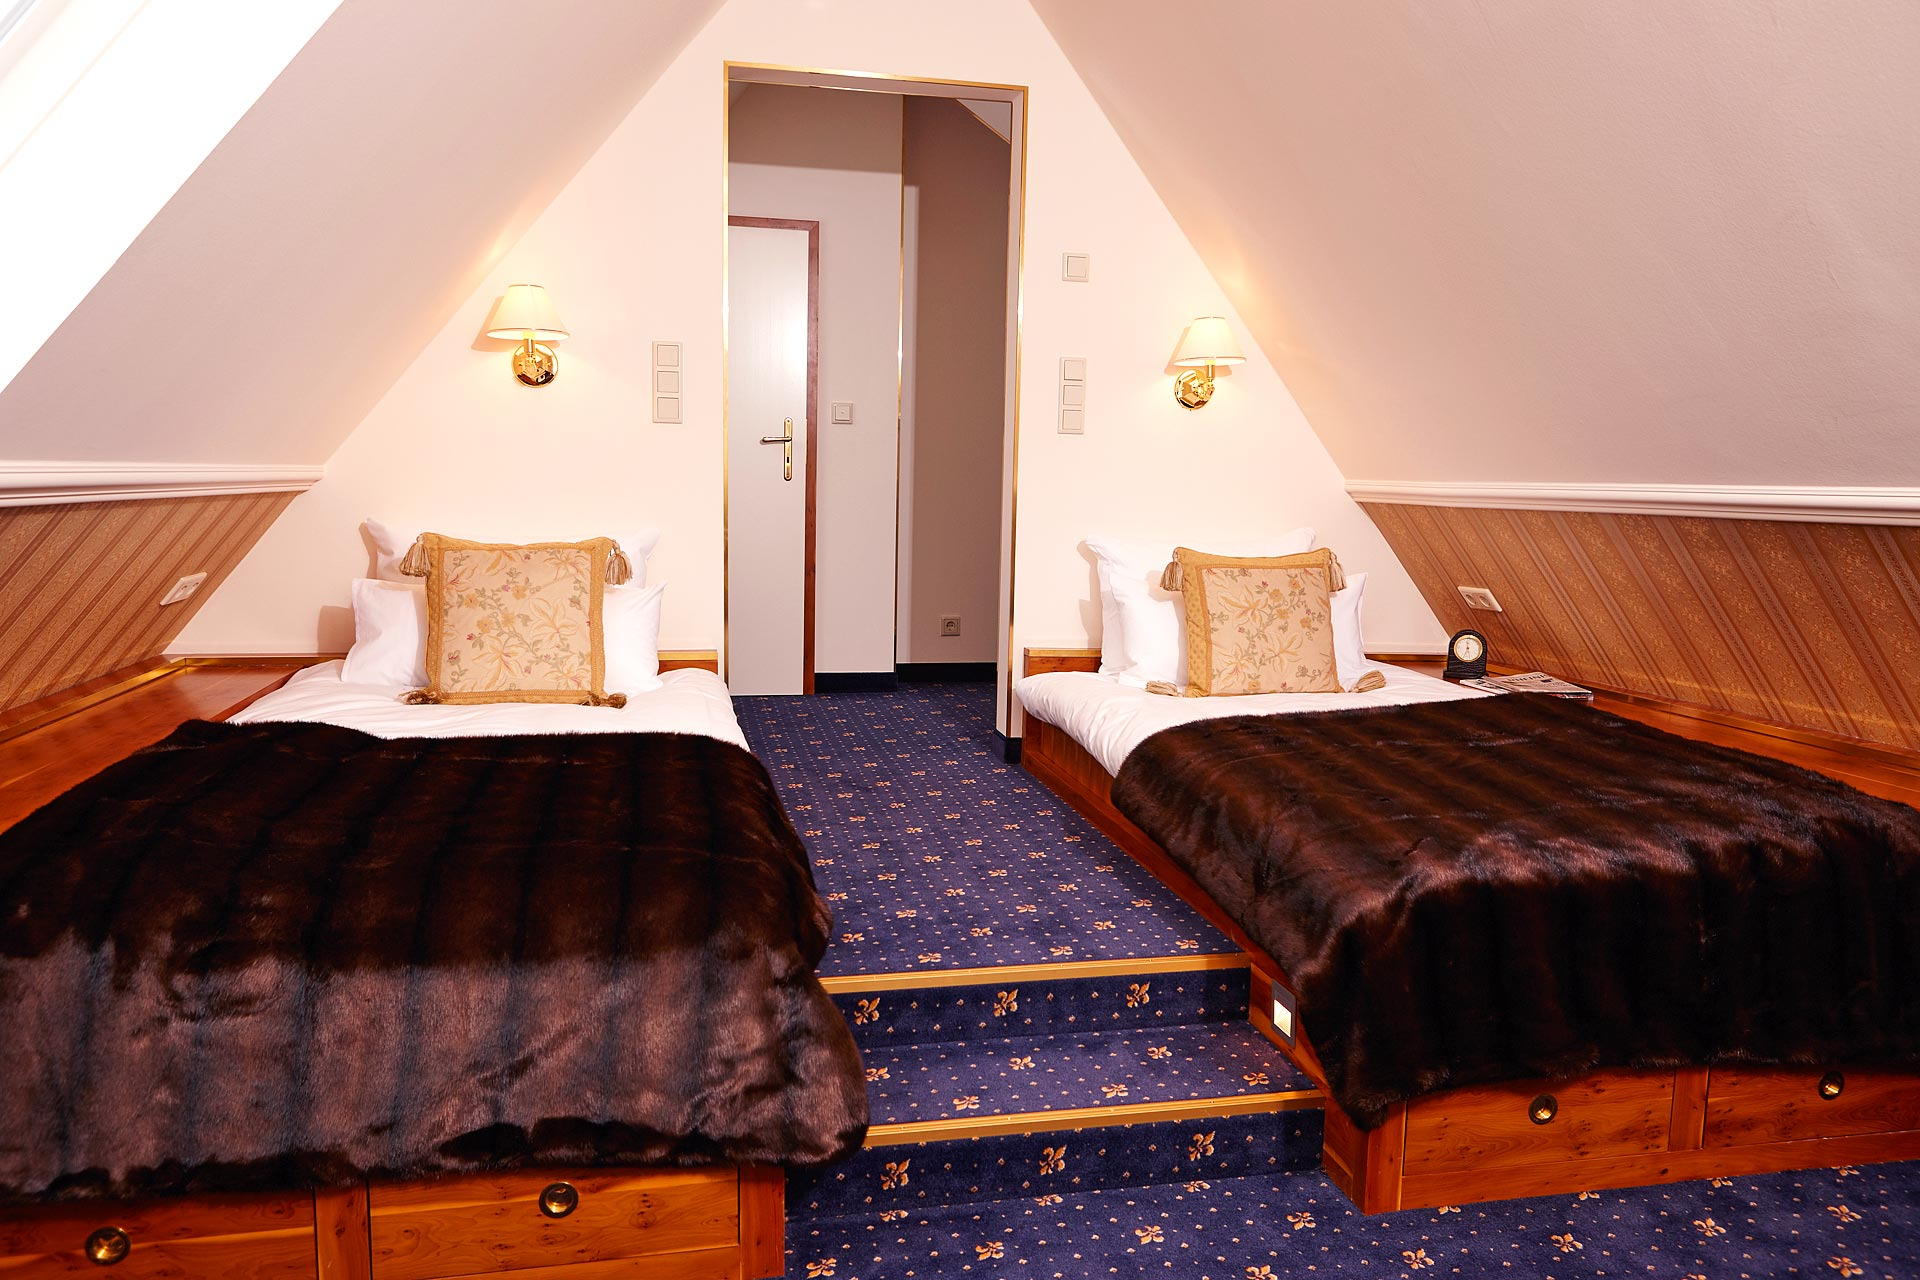 Habitaciones dobles con camas separadas